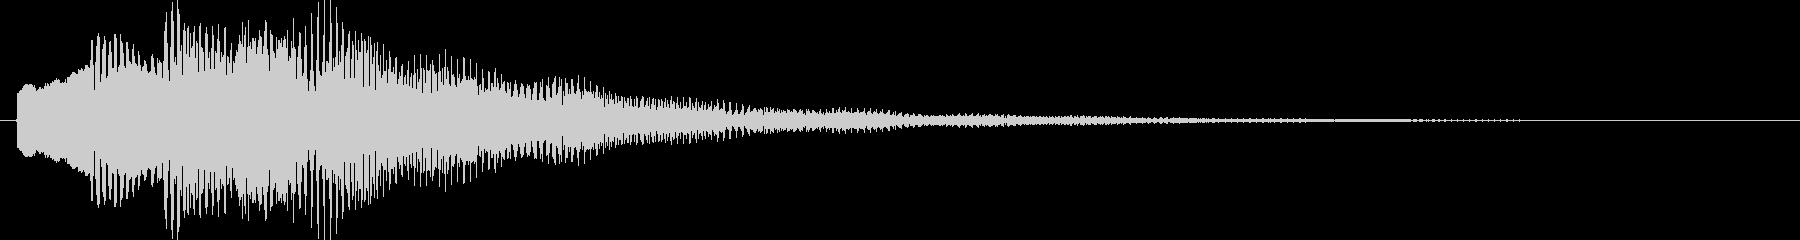 ポロリローン(高音デジタルチャイム)の未再生の波形